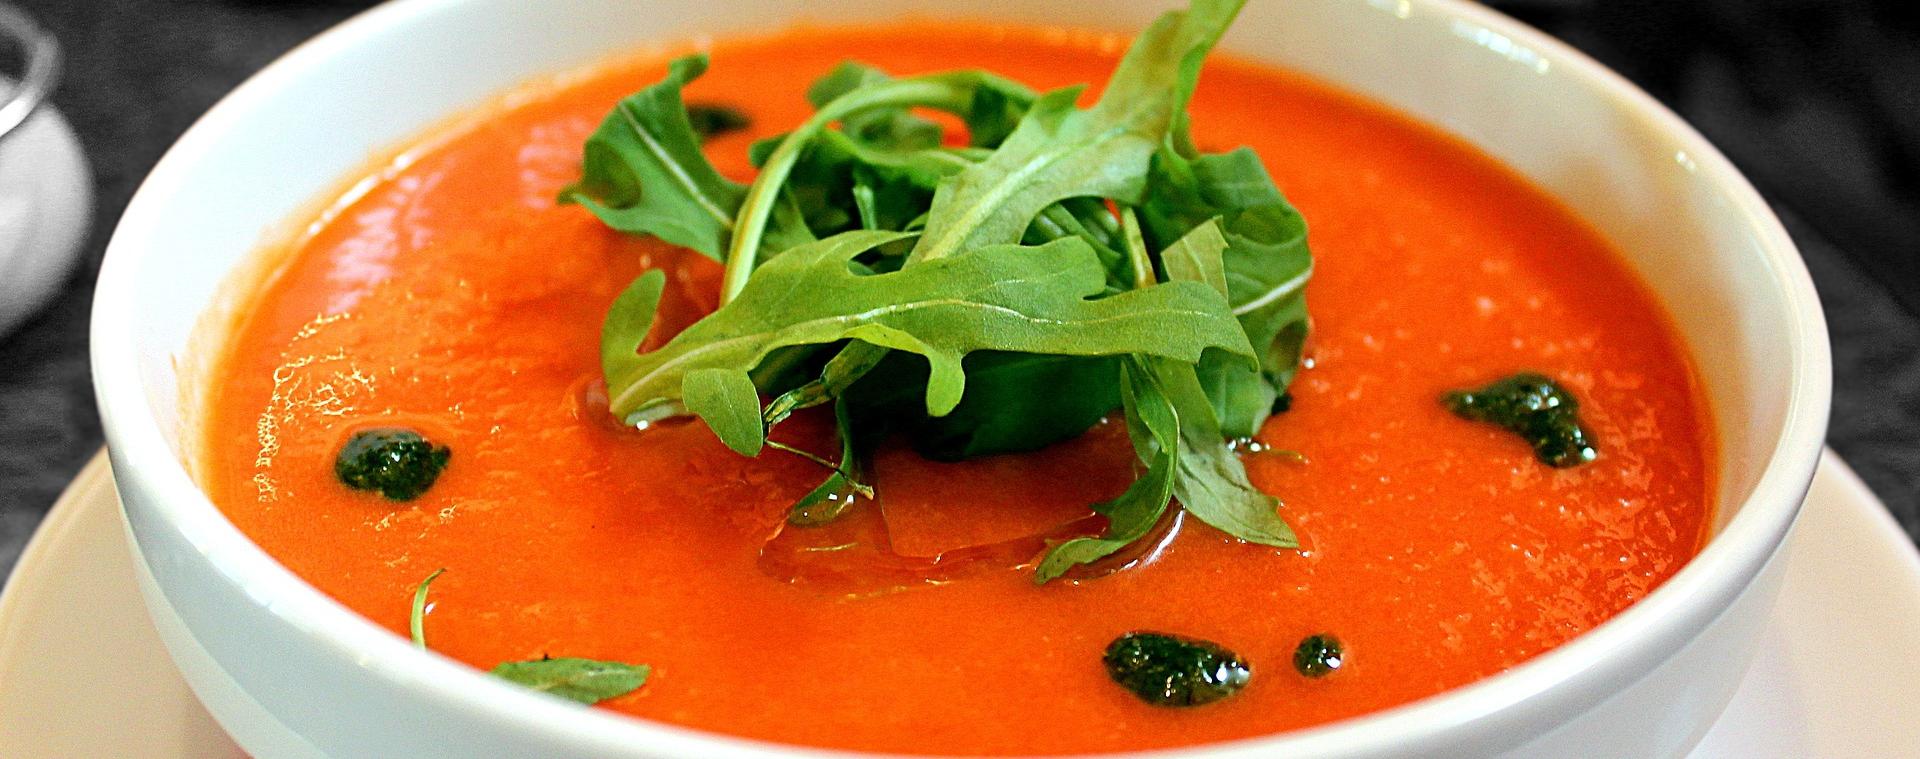 zupy są źródłem witamin i antyoksydantów